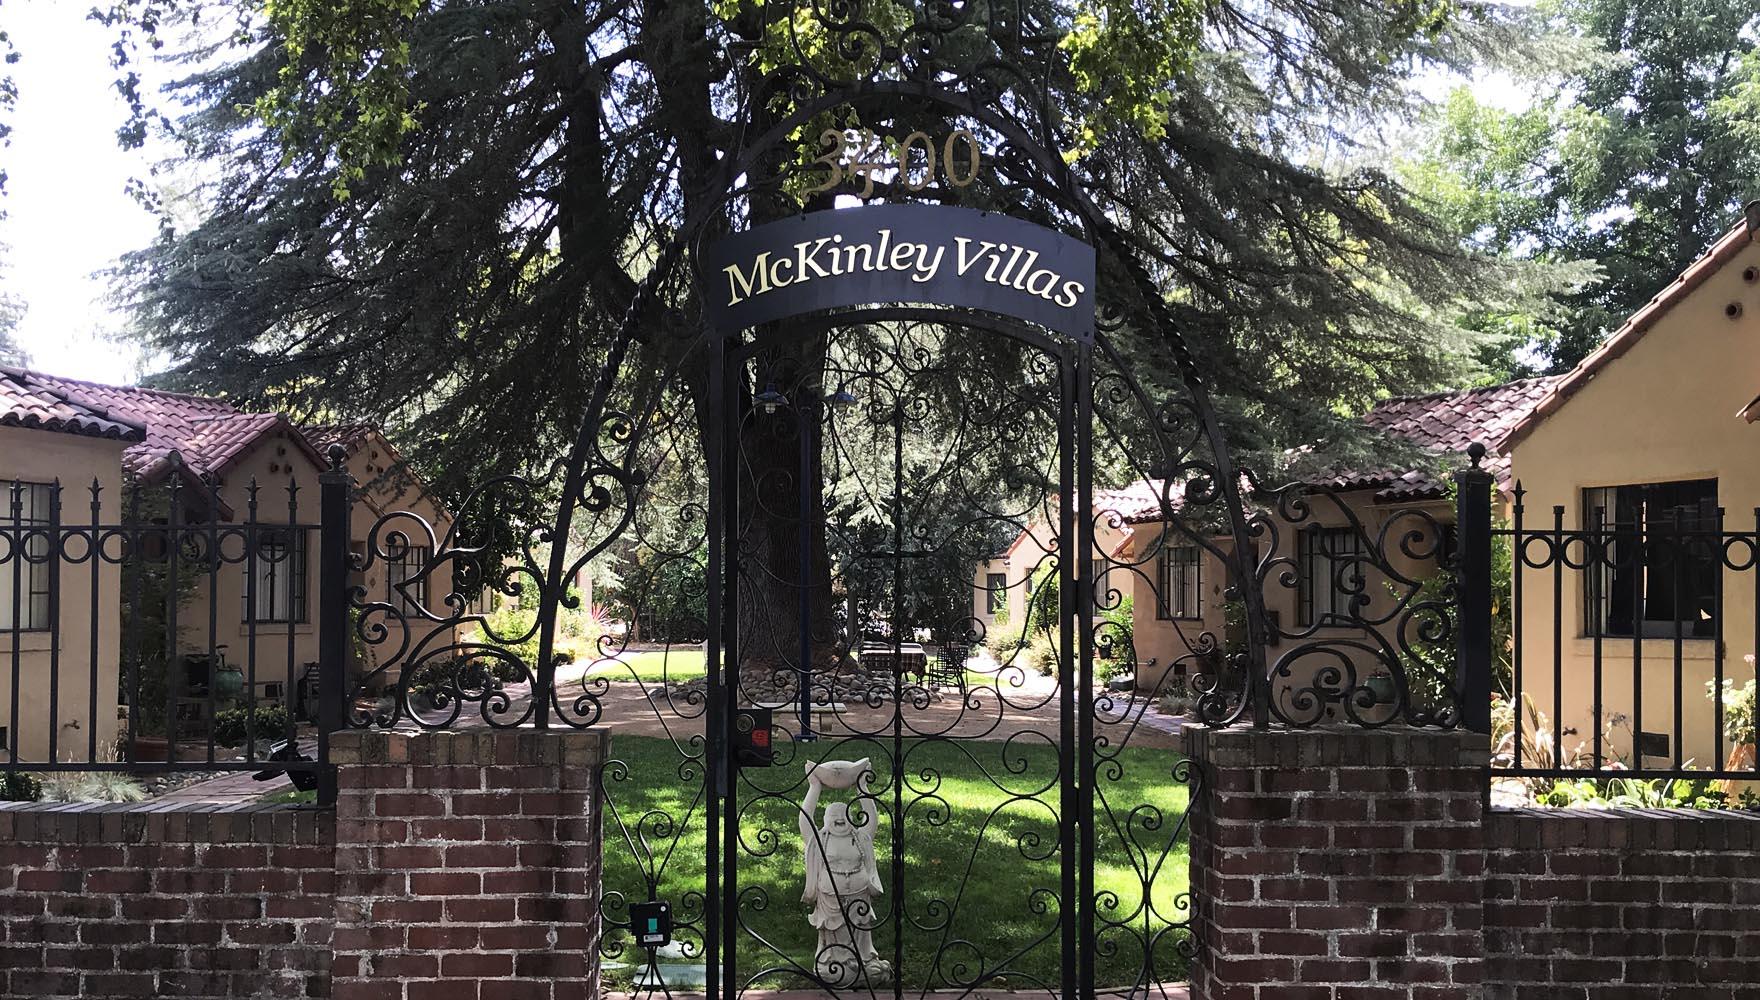 Mckinley Villas